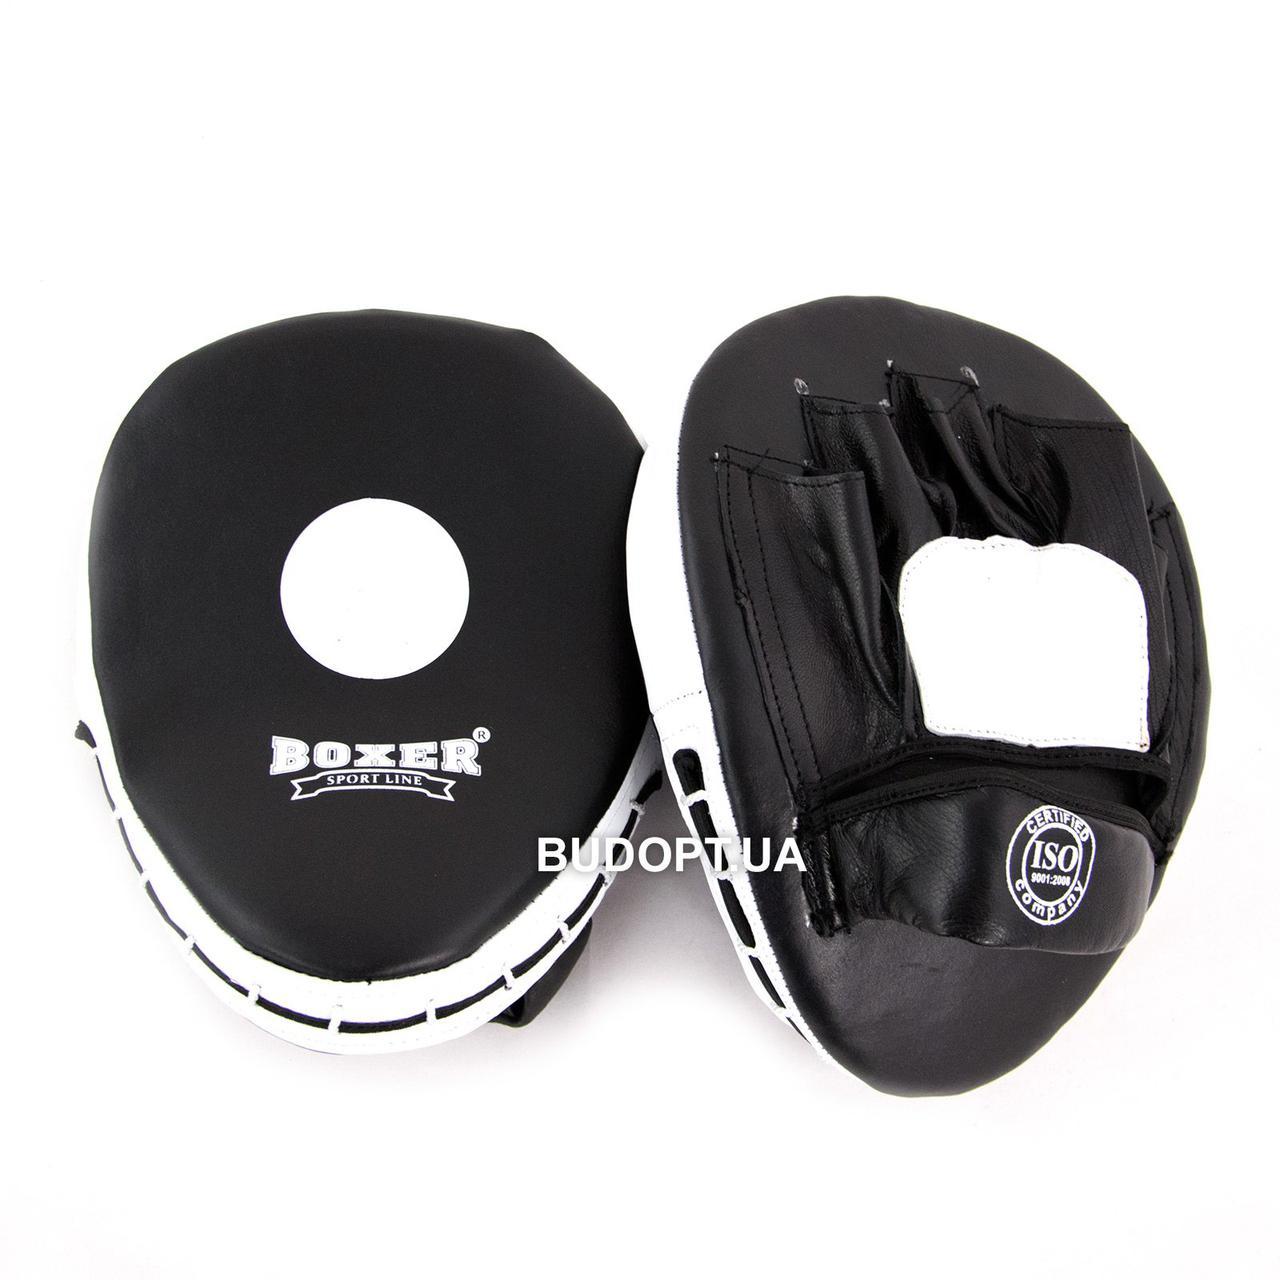 Лапы боксерские гнутые кожаные Boxer (bx-0024) - Sklad24.org - Оптовый интернет магазин склад в Киеве